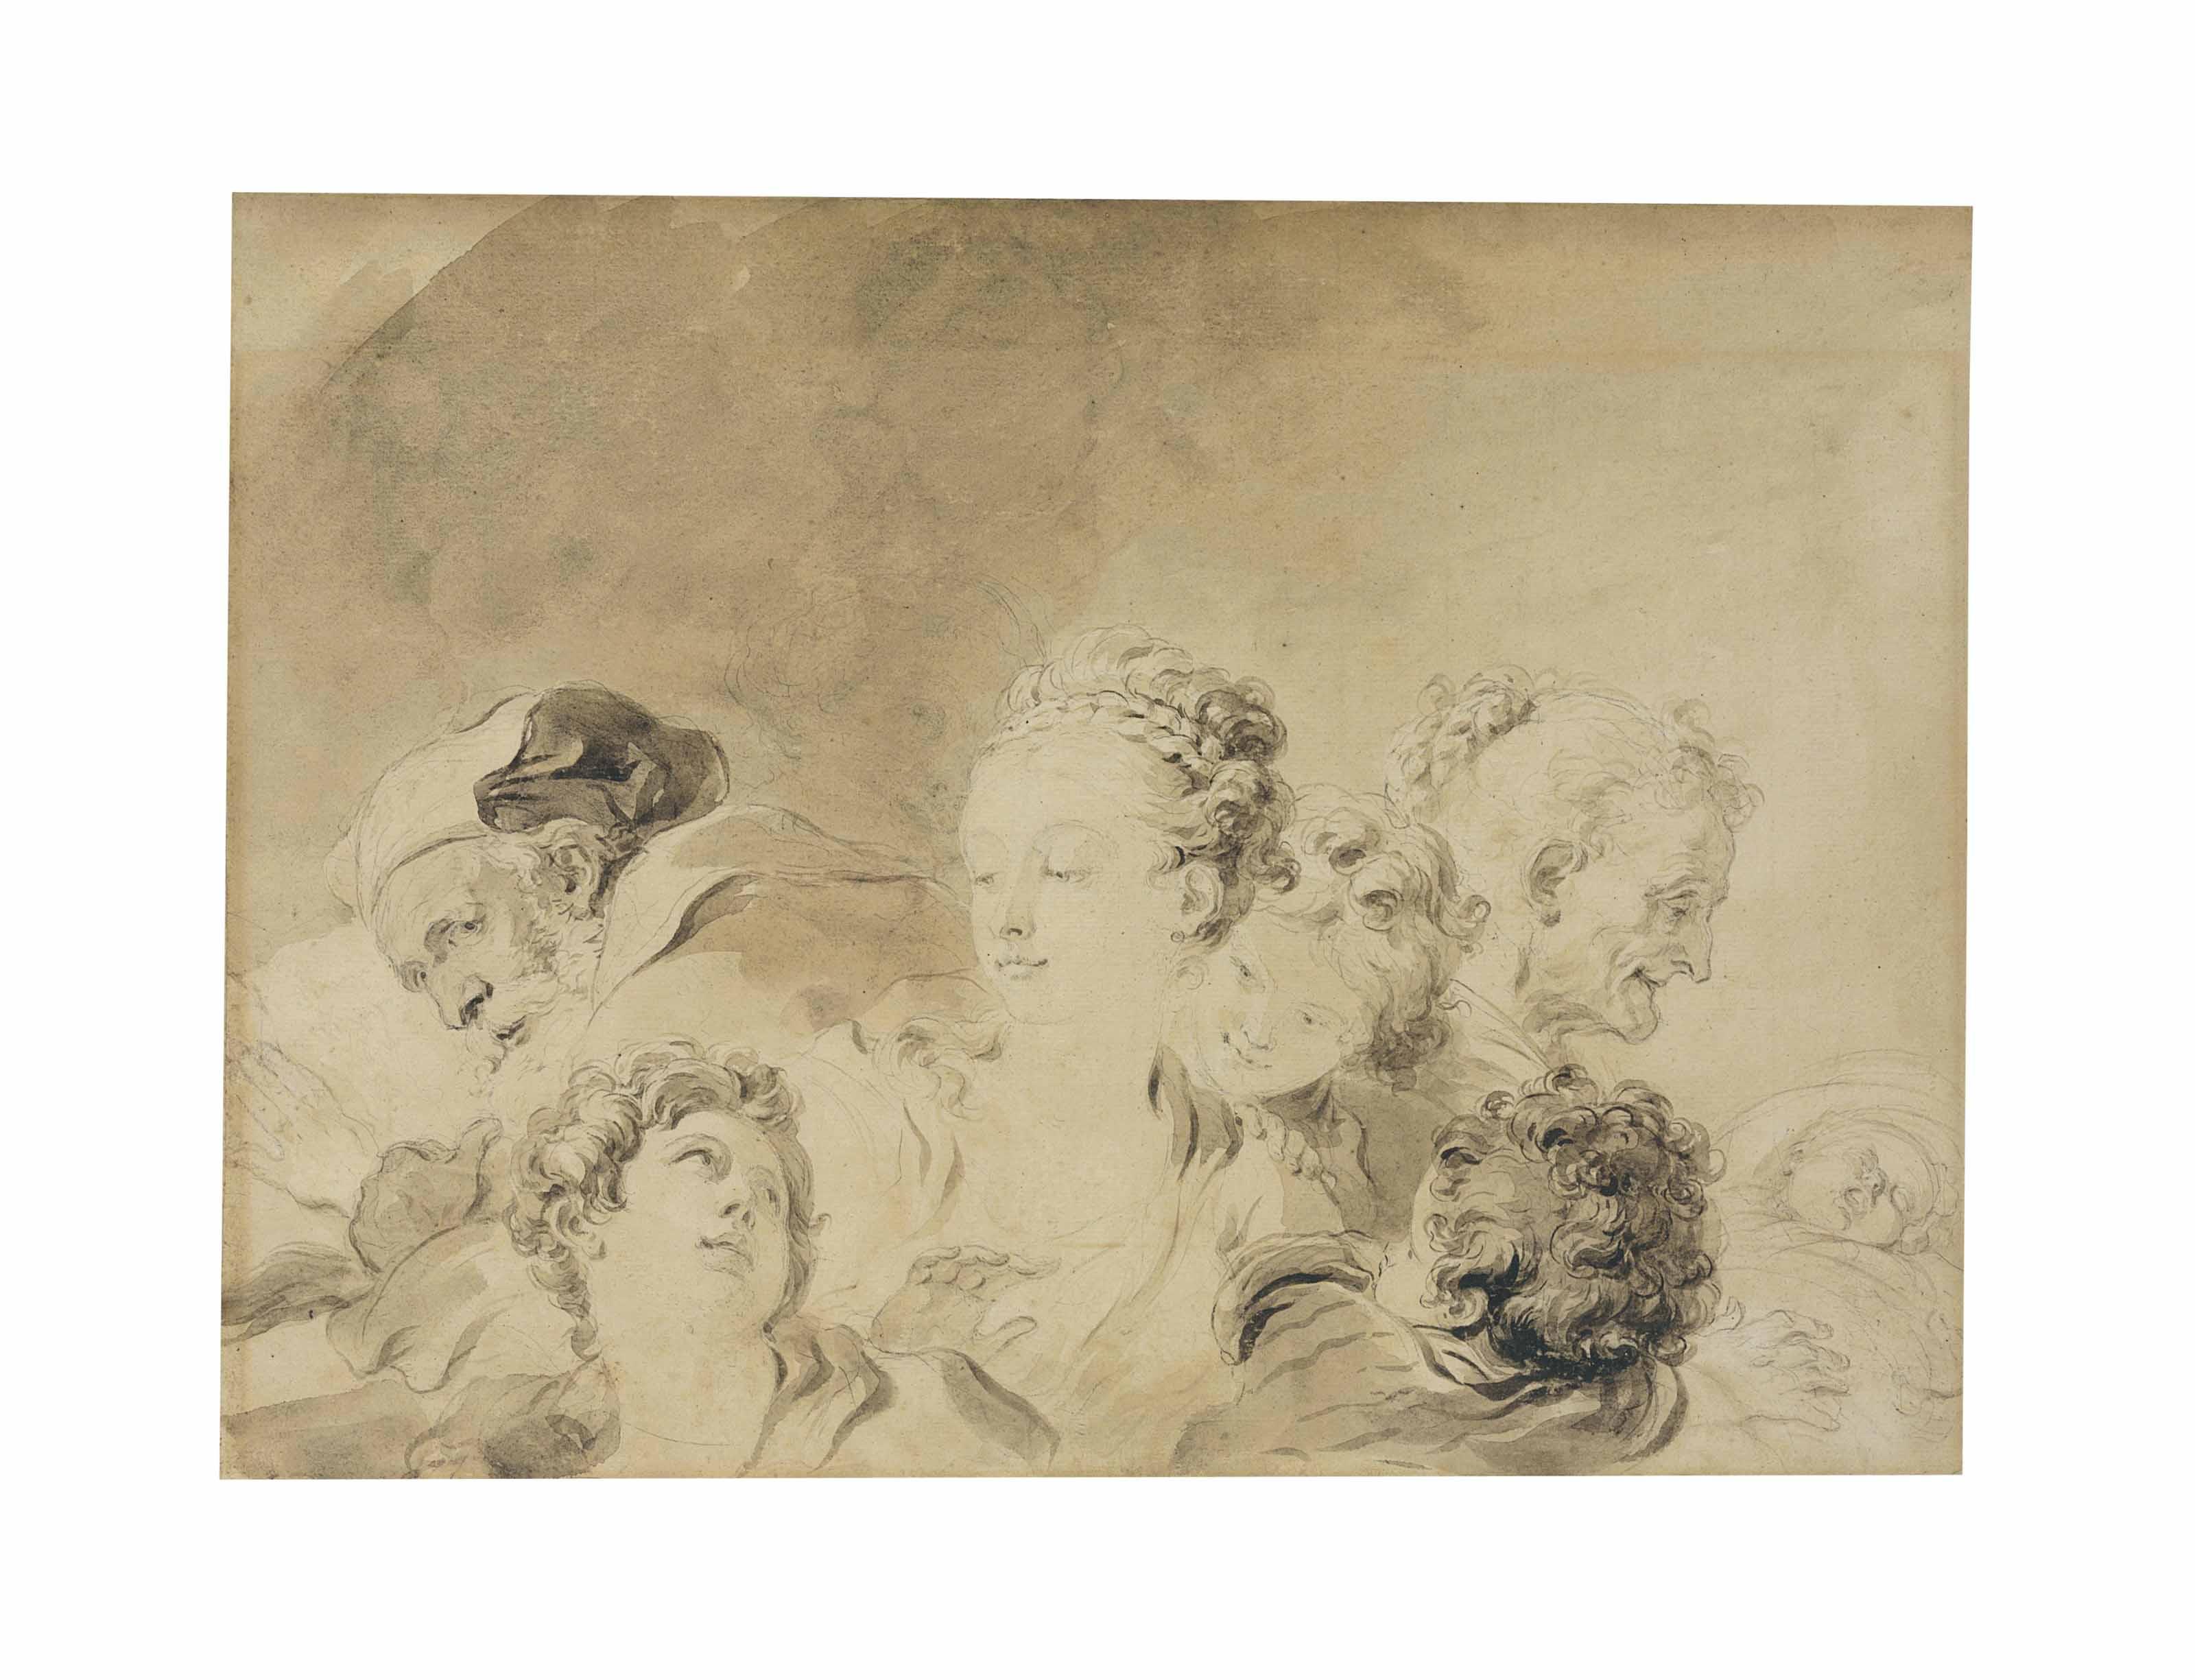 Les Sept Ages de la Vie (The Seven Ages of Life)